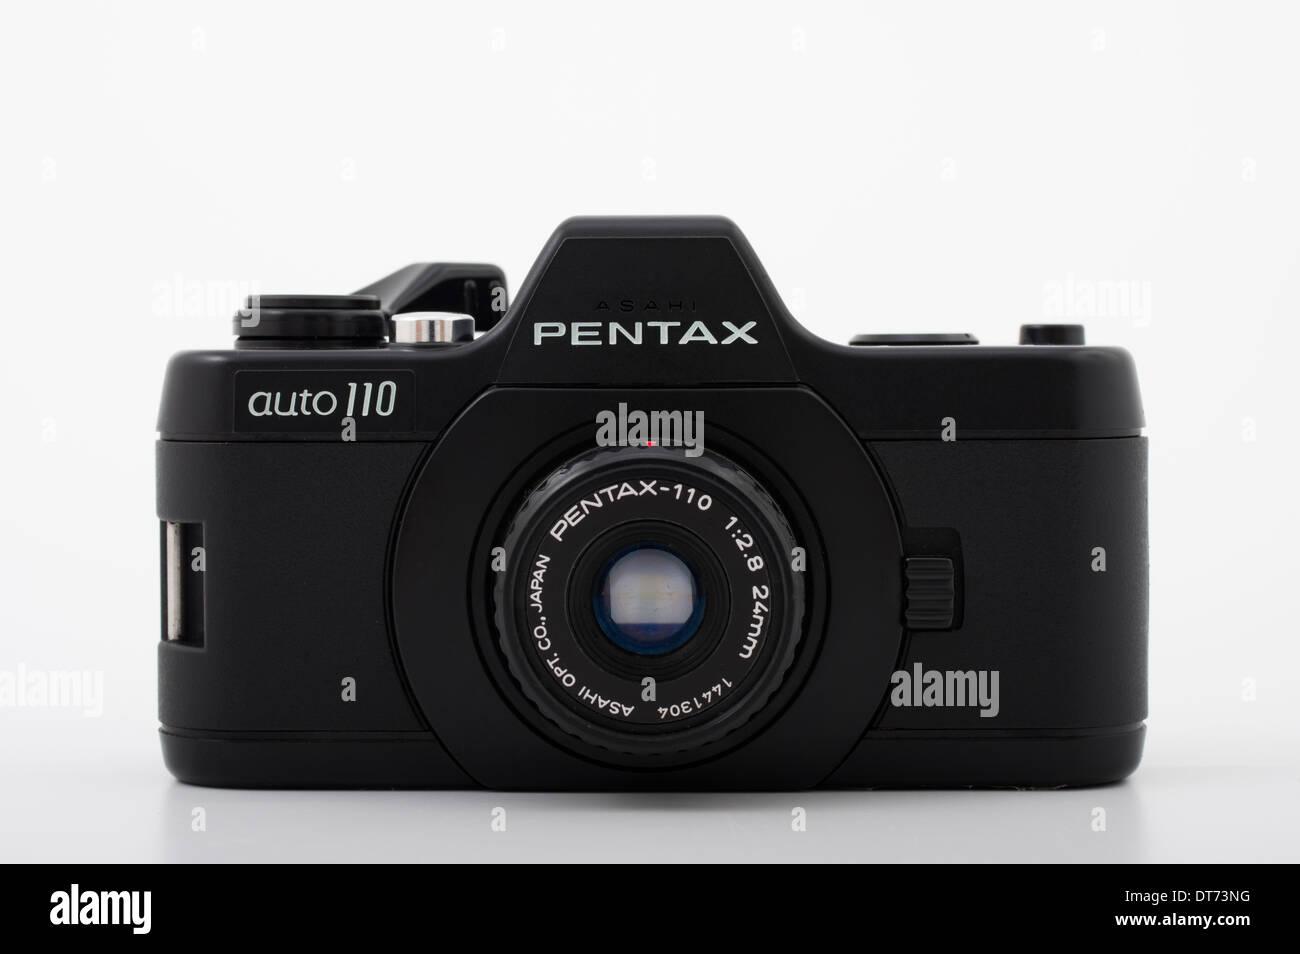 Pentax auto 110 Videocamera SLR utilizzando compact 110 film Immagini Stock